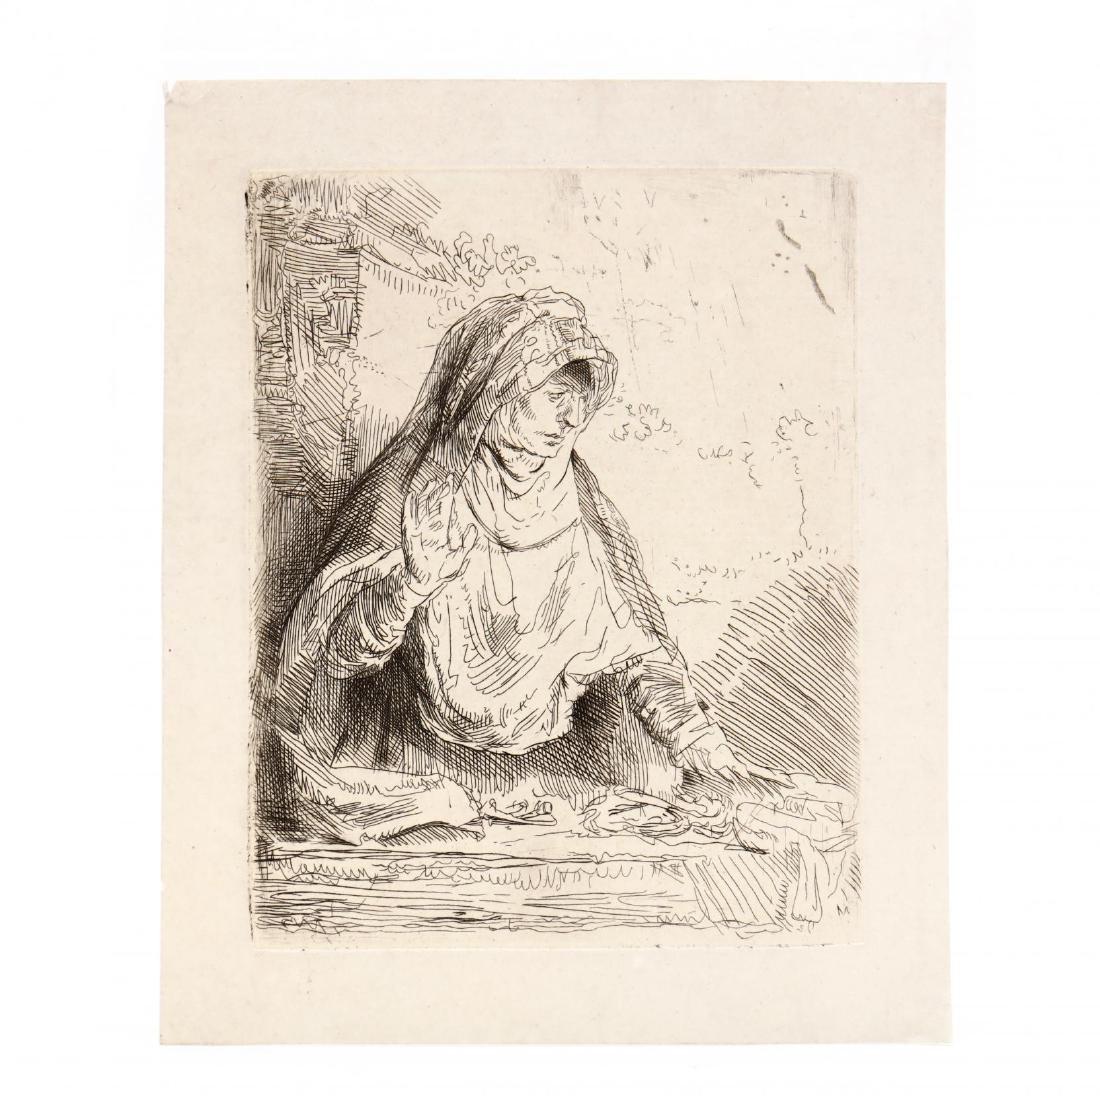 after Rembrandt van Rijn (Dutch, 1606-1669),  The